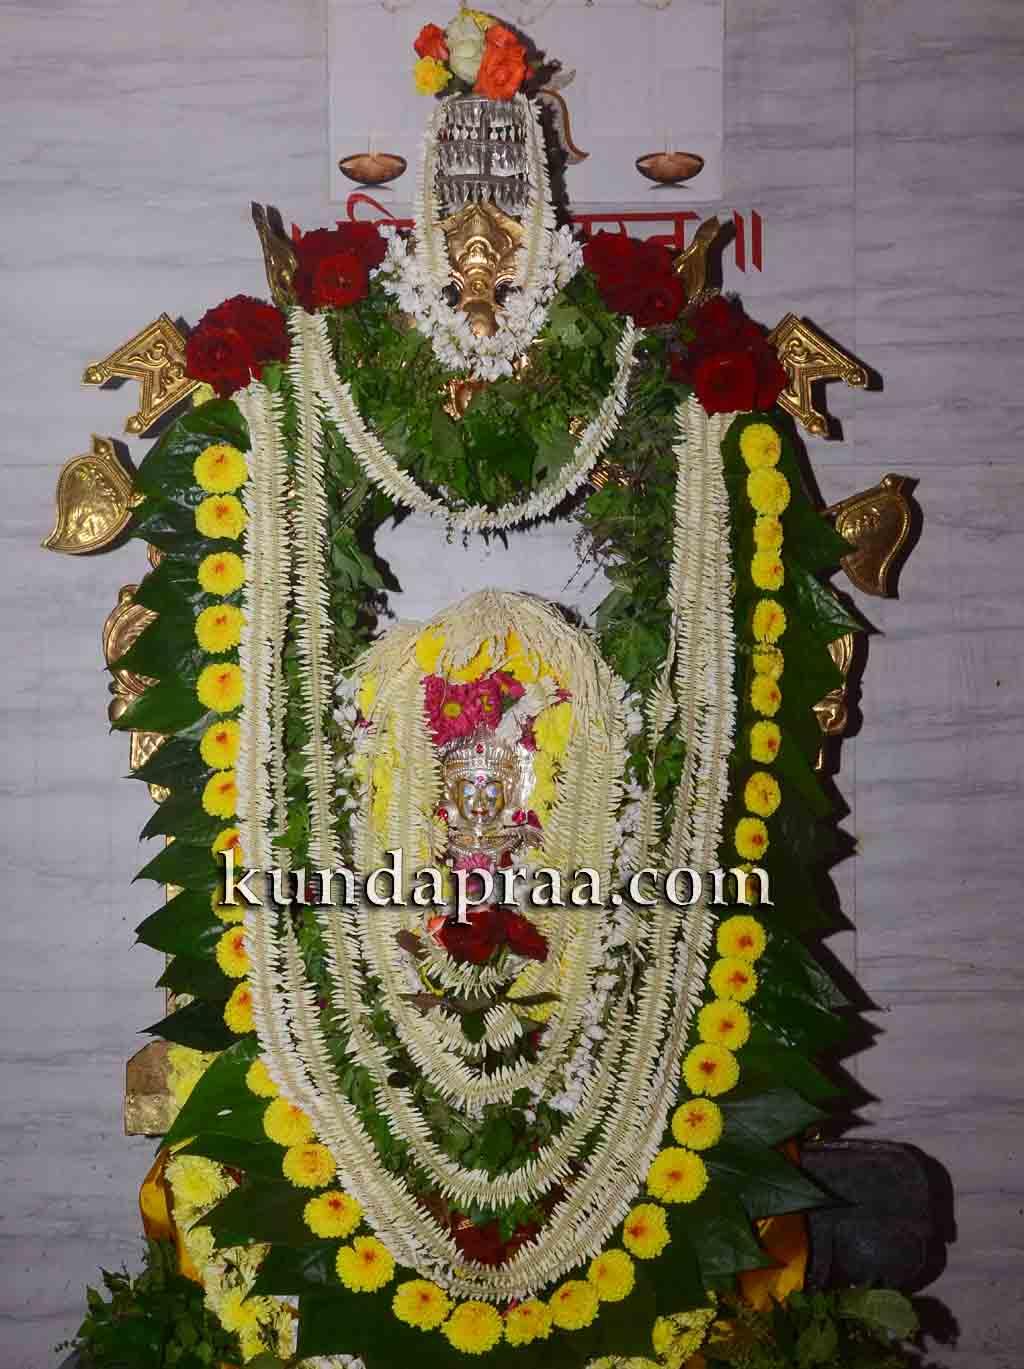 ಕುಂದಾಪುರದ ಶ್ರೀ ದುರ್ಗಾ ಪರಮೇಶ್ವರಿ ದೇವಸ್ಥಾನದ ವಾರ್ಷಿಕ ವರ್ಧಂತ್ಯುತ್ಸವ